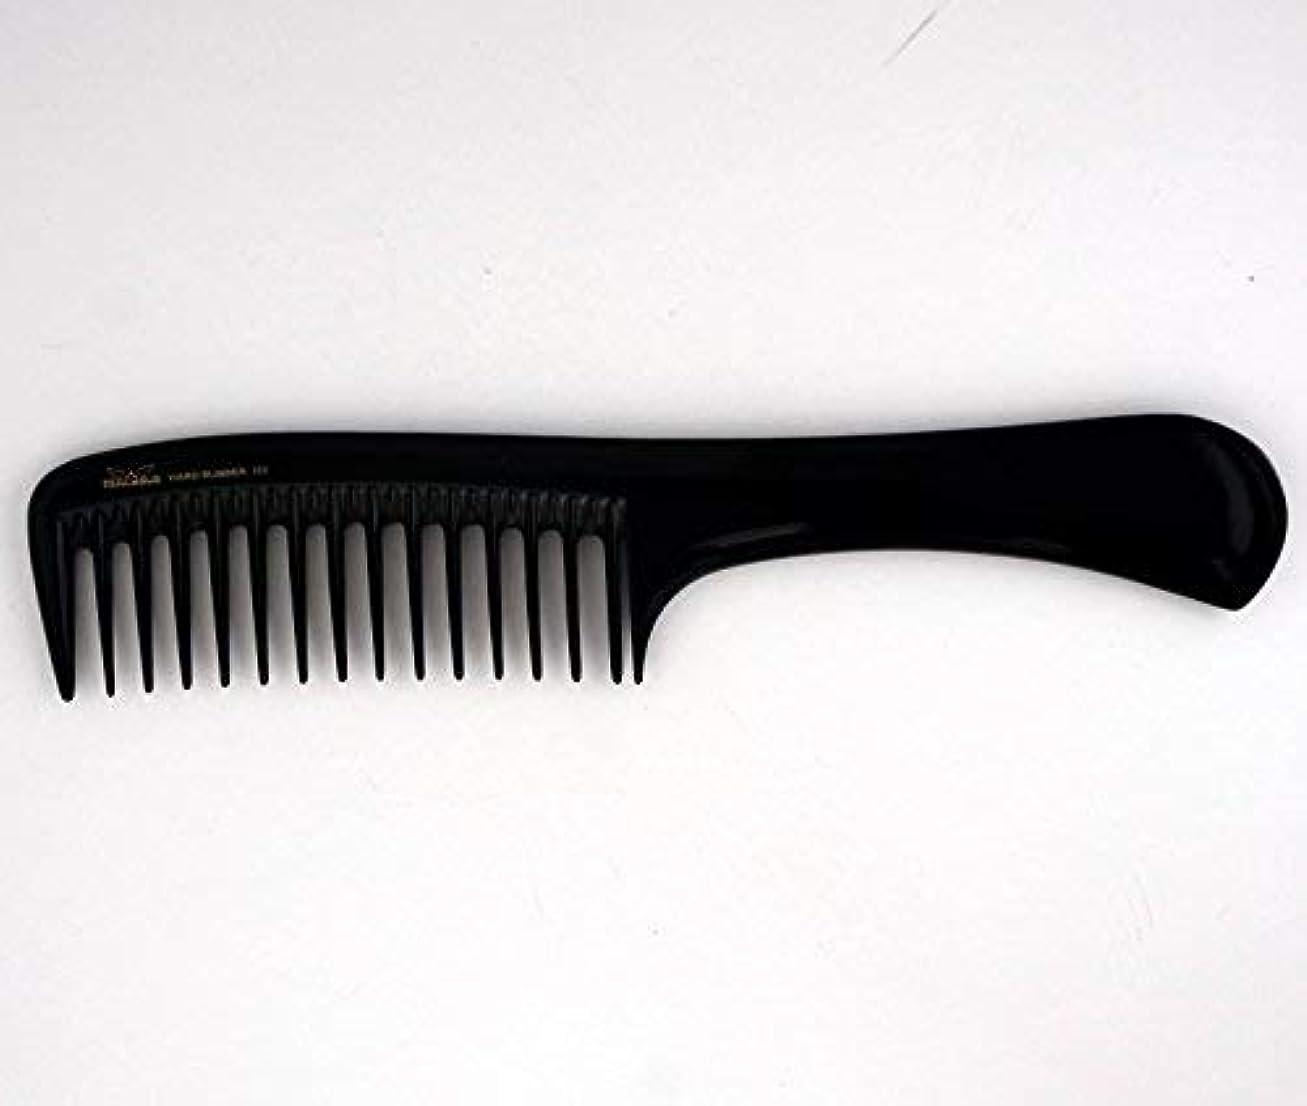 浸したがっかりする要塞9in, Hard Rubber, Wide Tooth Handle Comb [並行輸入品]